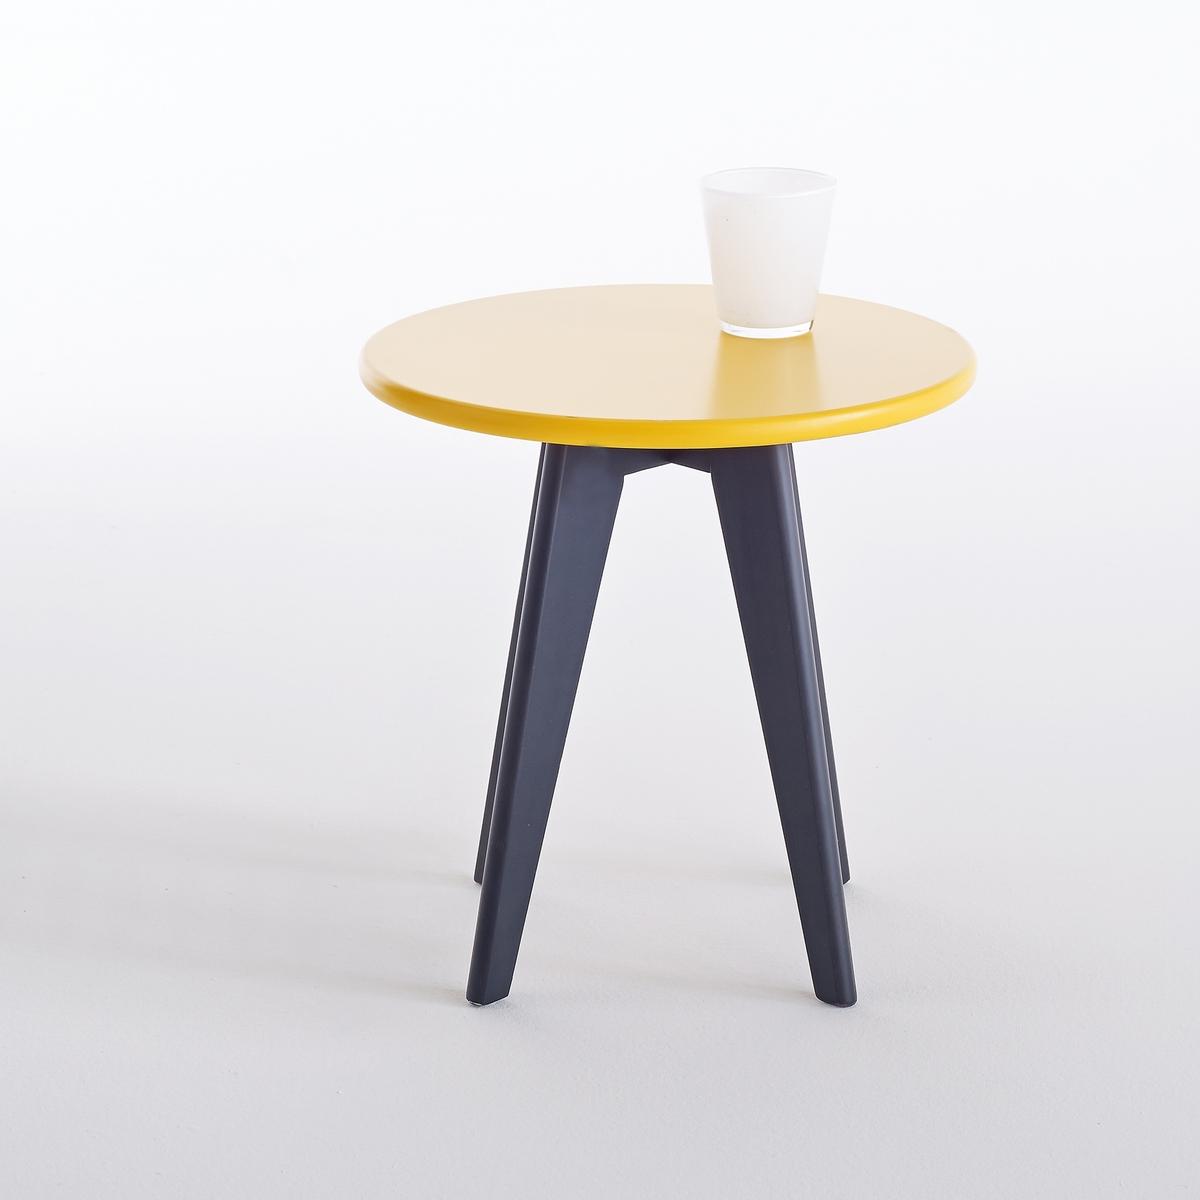 Прикроватный столик в стиле винтаж  WatfordПрикроватный столик в стиле винтаж Watford. Привнесите немного винтажного настроения, полного очарования, в Вашу комнату и в Вашу жизнь. Дизайн прикроватного столика Watford перекликается с тропическим стилем. Характеристики прикроватного столика Watford:Столешница круглая из МДФ, покрытие нитроцеллюлозным лаком.4 ножки из массива сосны, покрытие нитроцеллюлозным лаком.Откройте для себя всю коллекцию Watford на сайте laredoute.ruРазмеры столика  Watford:Общие:Диаметр: 40 смВысота: 40 смРазмеры и вес упаковки:1 упаковкаД47 x В7 x Г46 см3 кгДоставка:Прикроватный столик Watford продаётся в сборе. Доставка до квартиры!Внимание! Убедитесь, что есть возможность доставить товар на дом, учитывая его габариты (проходит в двери, по лестницам, в лифты).<br><br>Цвет: желтый/ черный